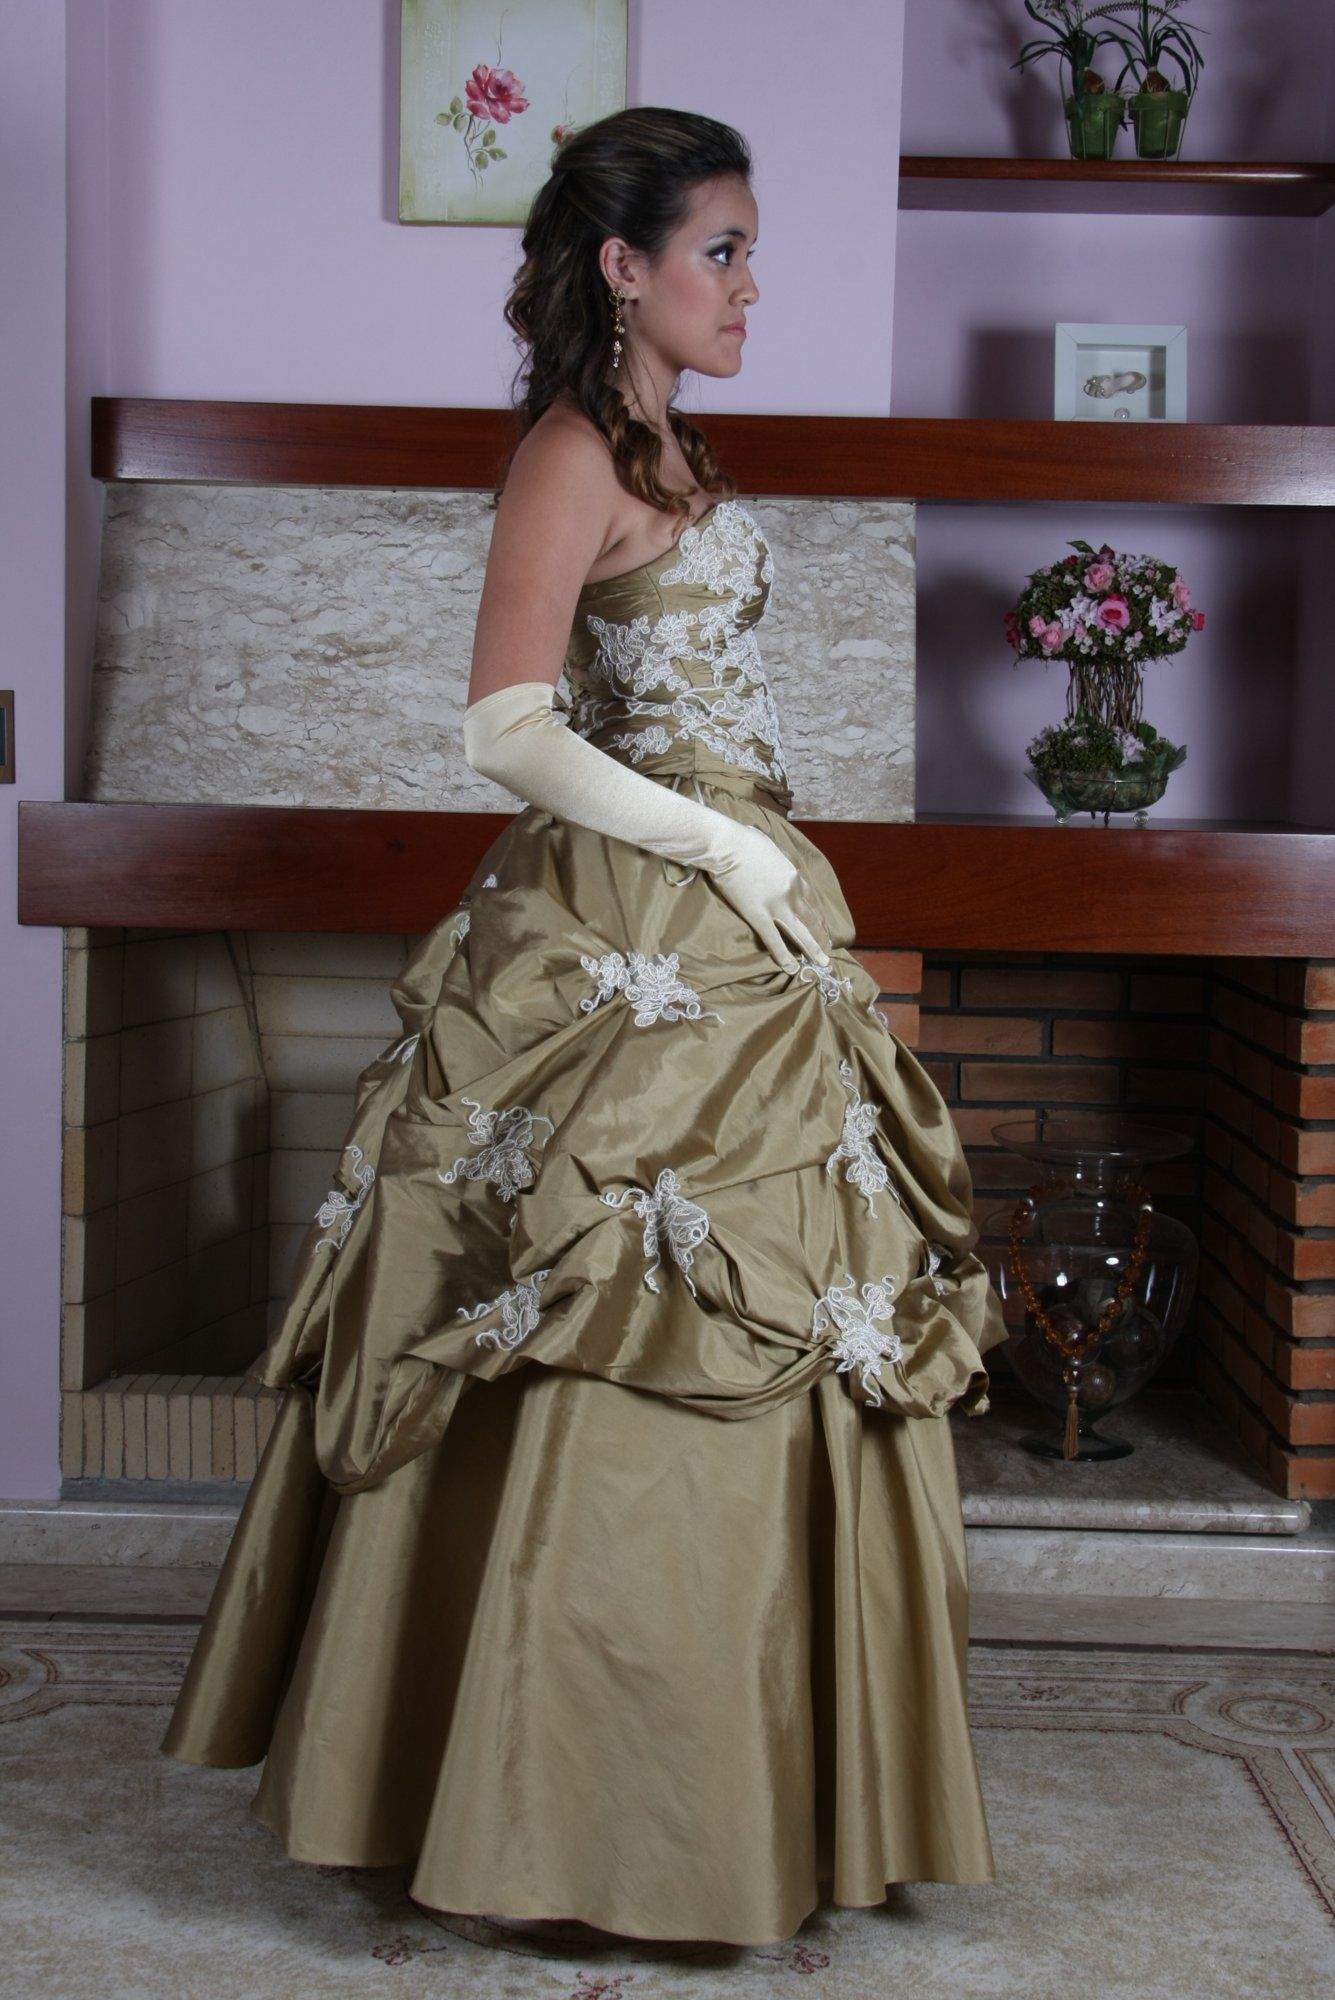 Vestido de Debutante Marfim e Ouro - 4 - Hipnose Alta Costura e Spa para Noivas e Noivos - Campinas - SP Vestido de Debutante, Vestido de Debutante Marfim e Ouro, Hipnose Alta Costura